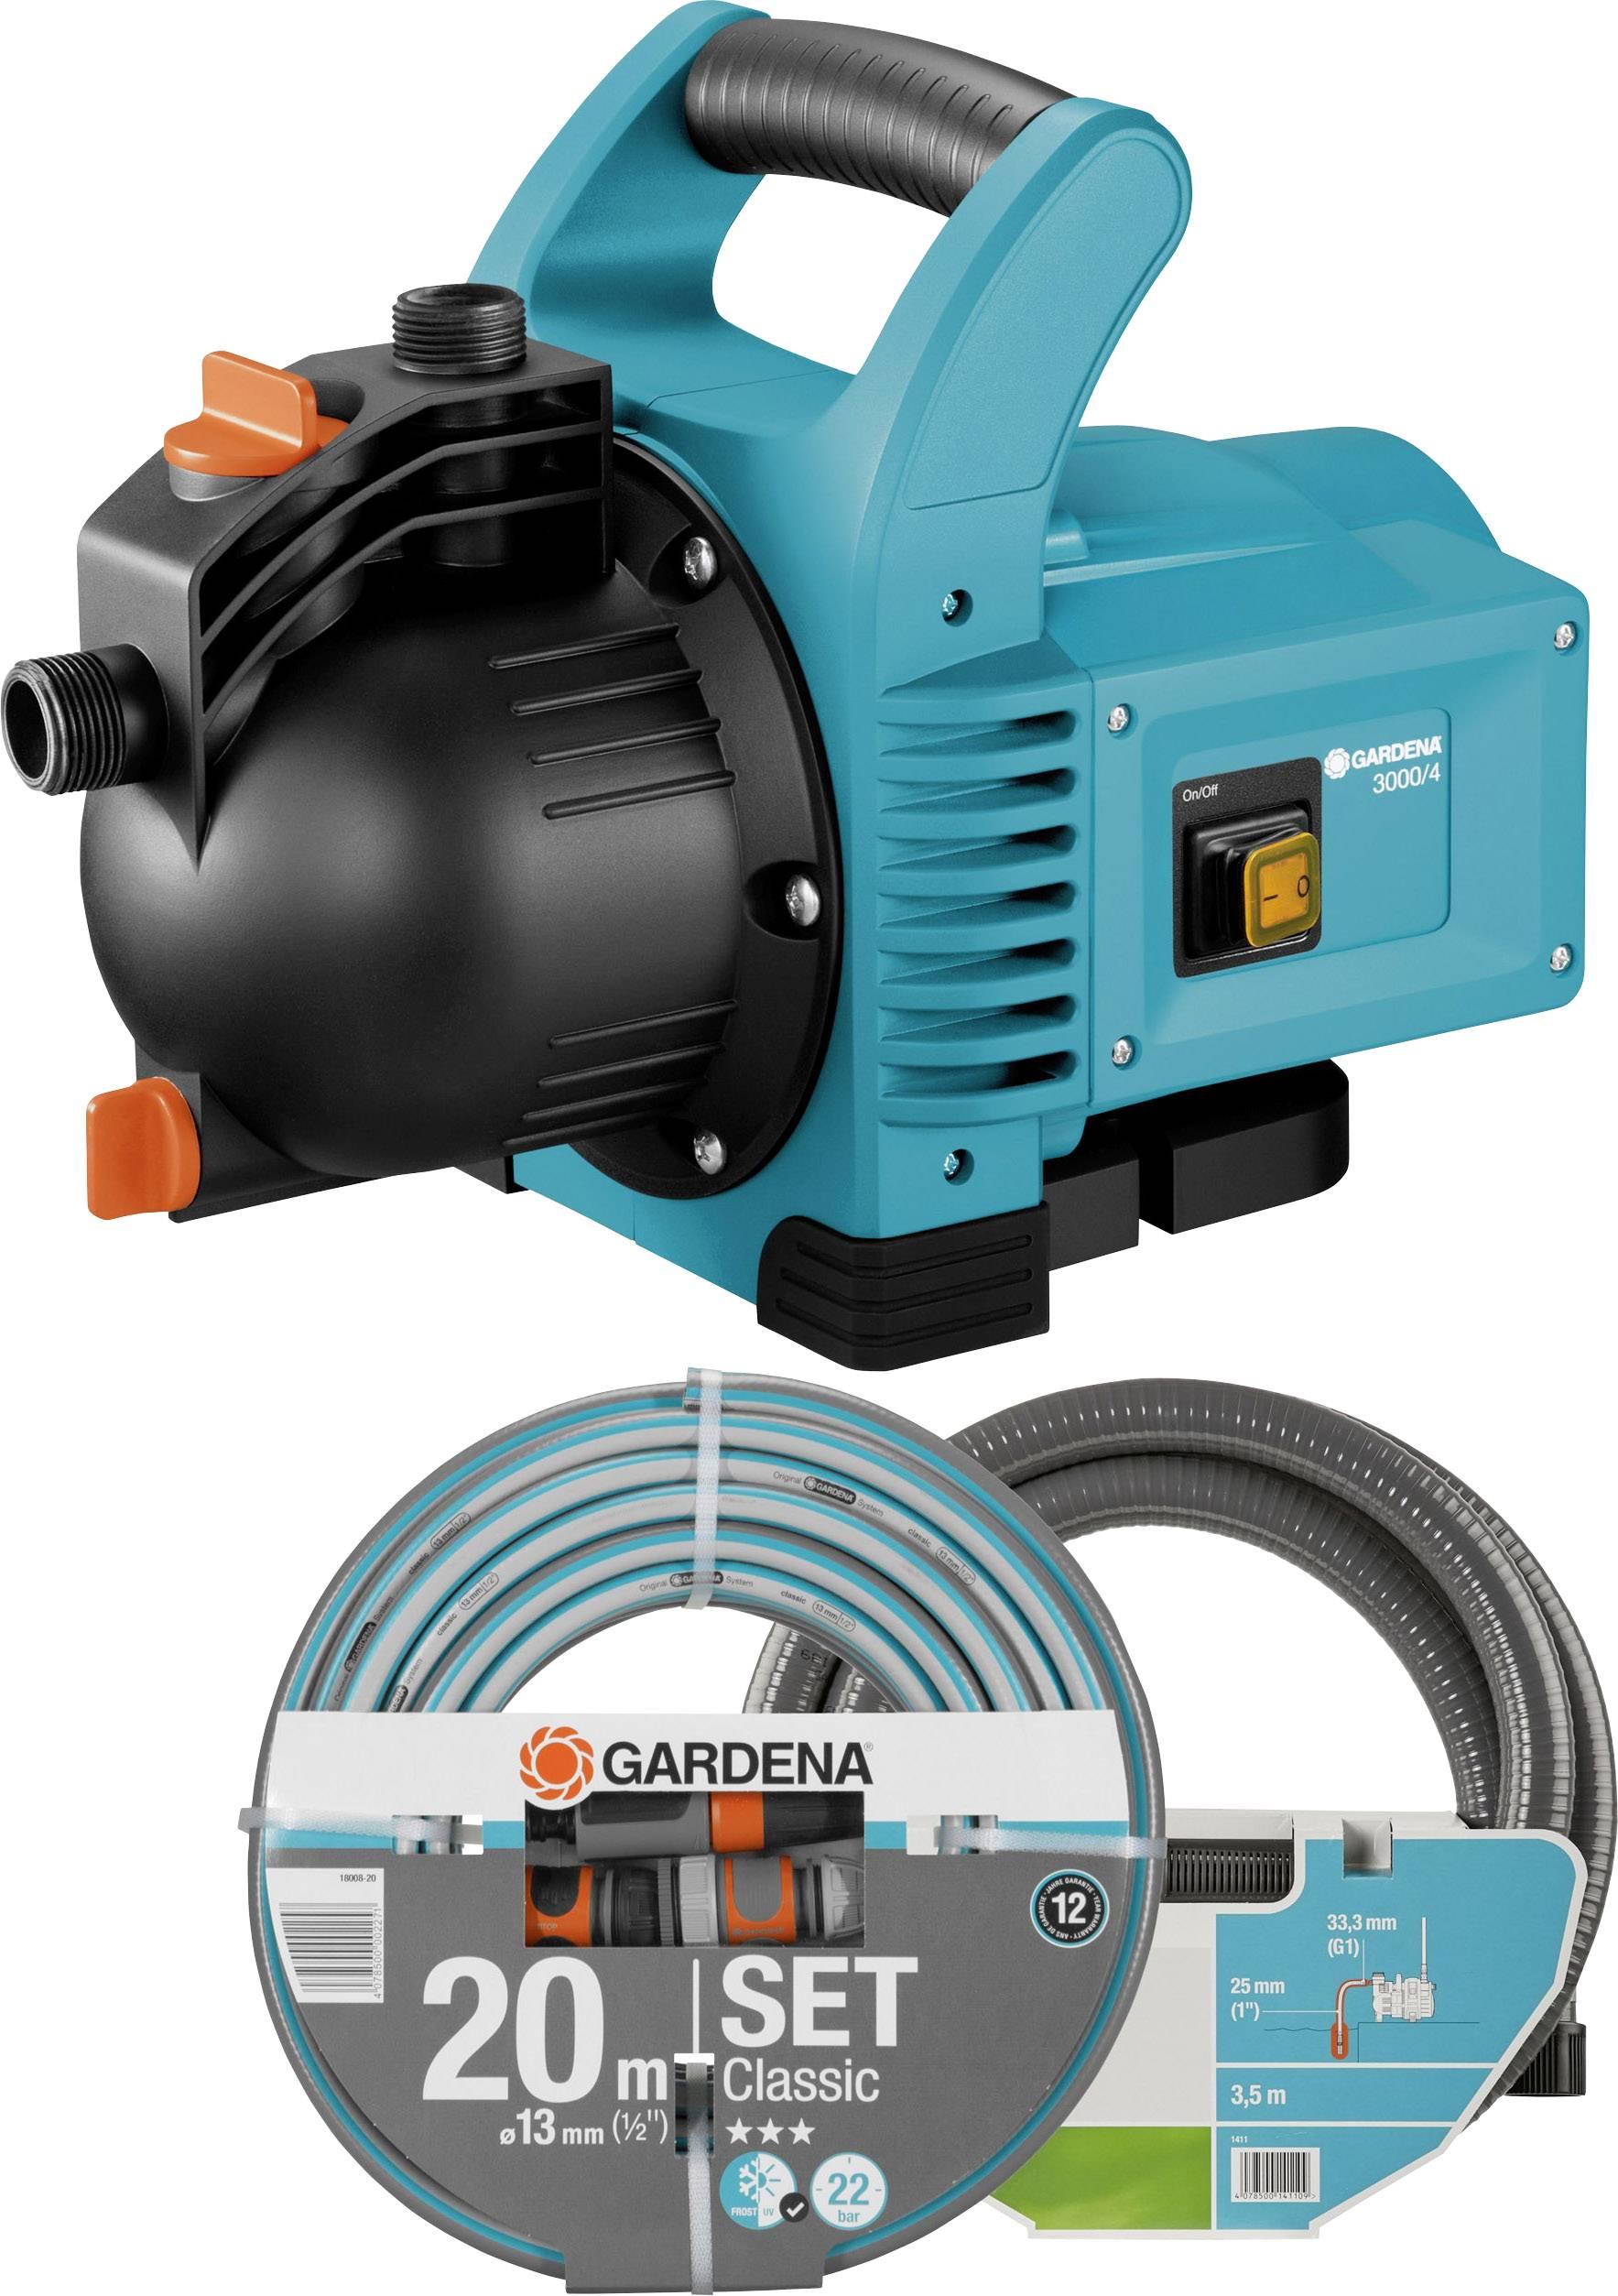 Záhradné čerpadlo GARDENA 3000/4 1717-20, 3100 l/h, 36 m, 600 W